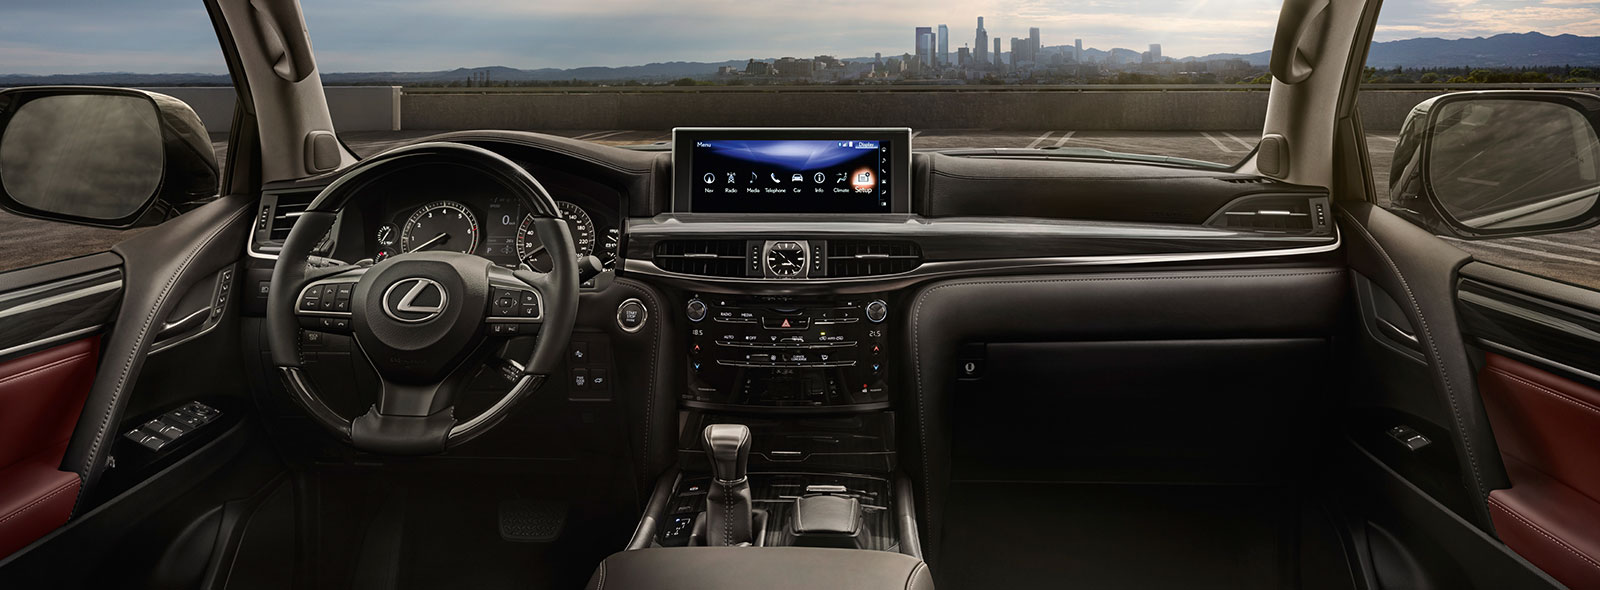 Lexus LX 450d avtomobilində mükəmməl interyer görüntüsü